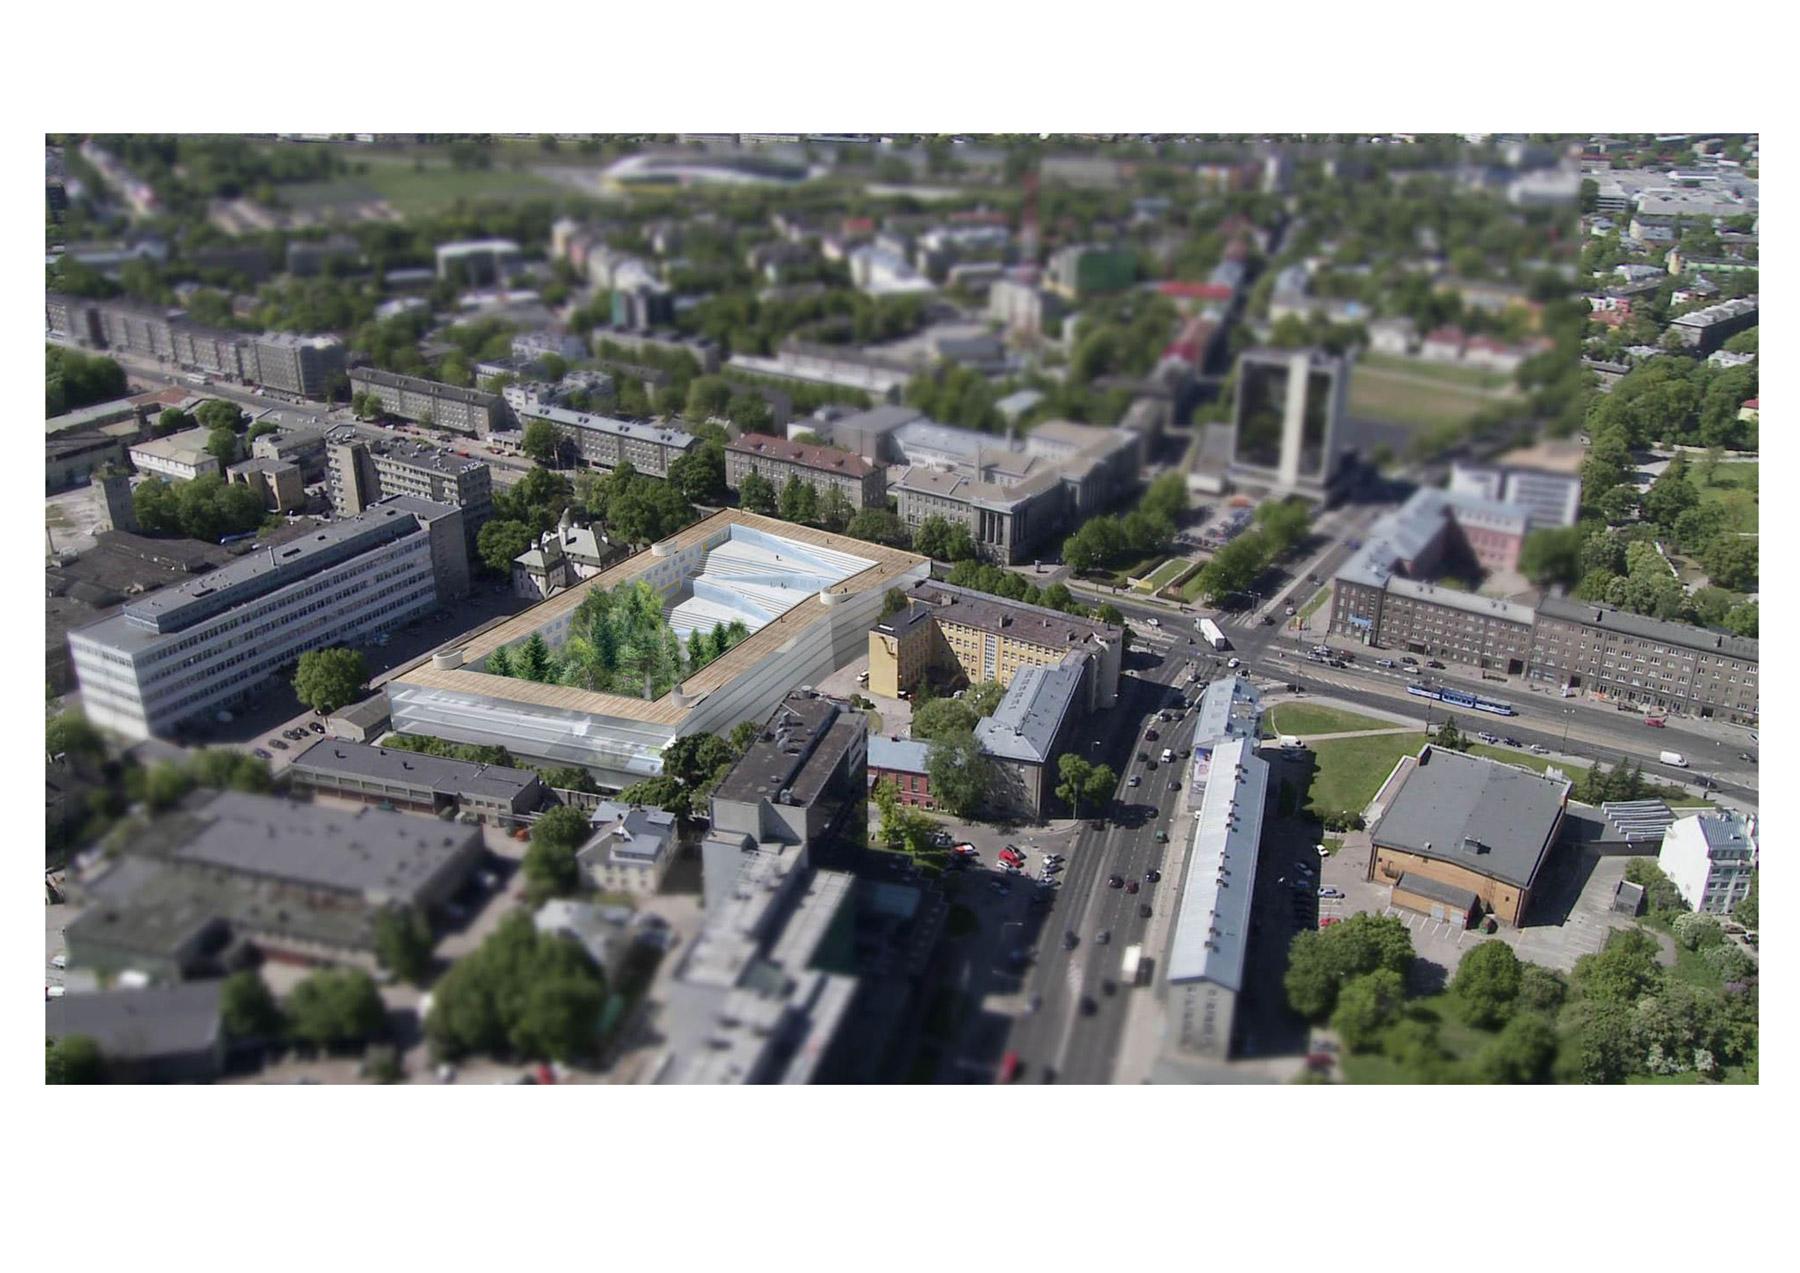 099_Tallinn_Slide_07